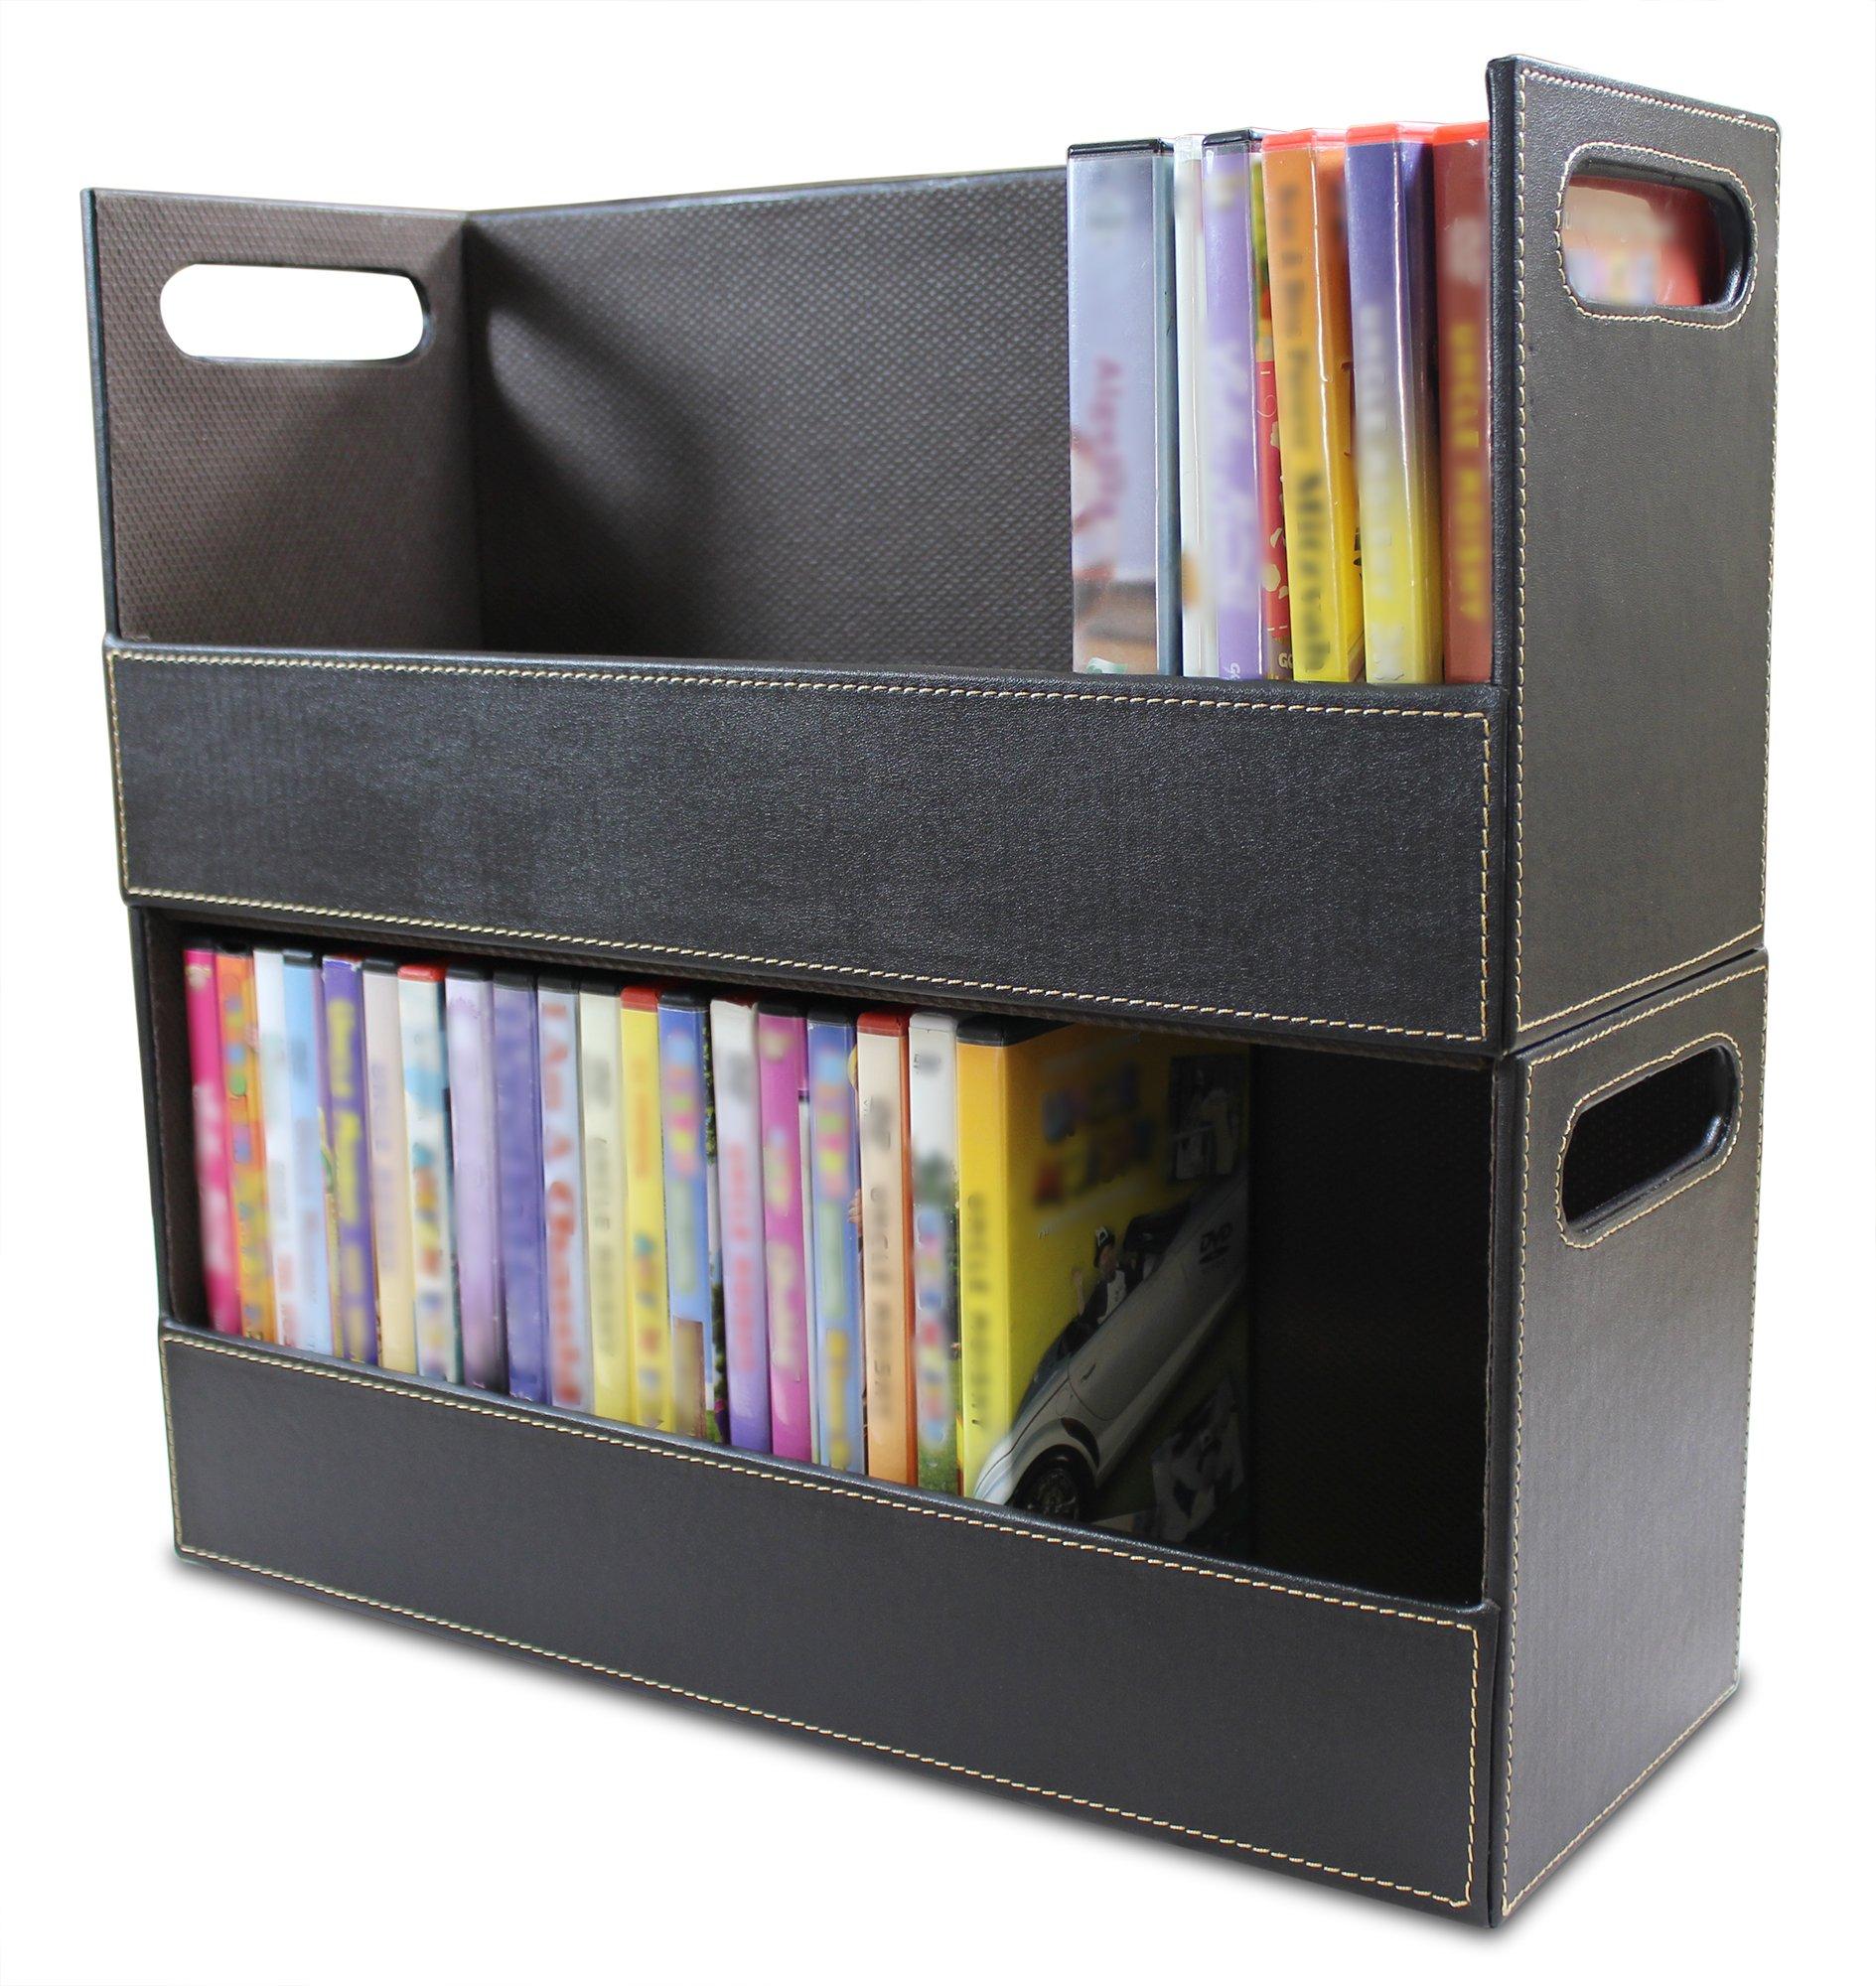 Dvd movie storage cases